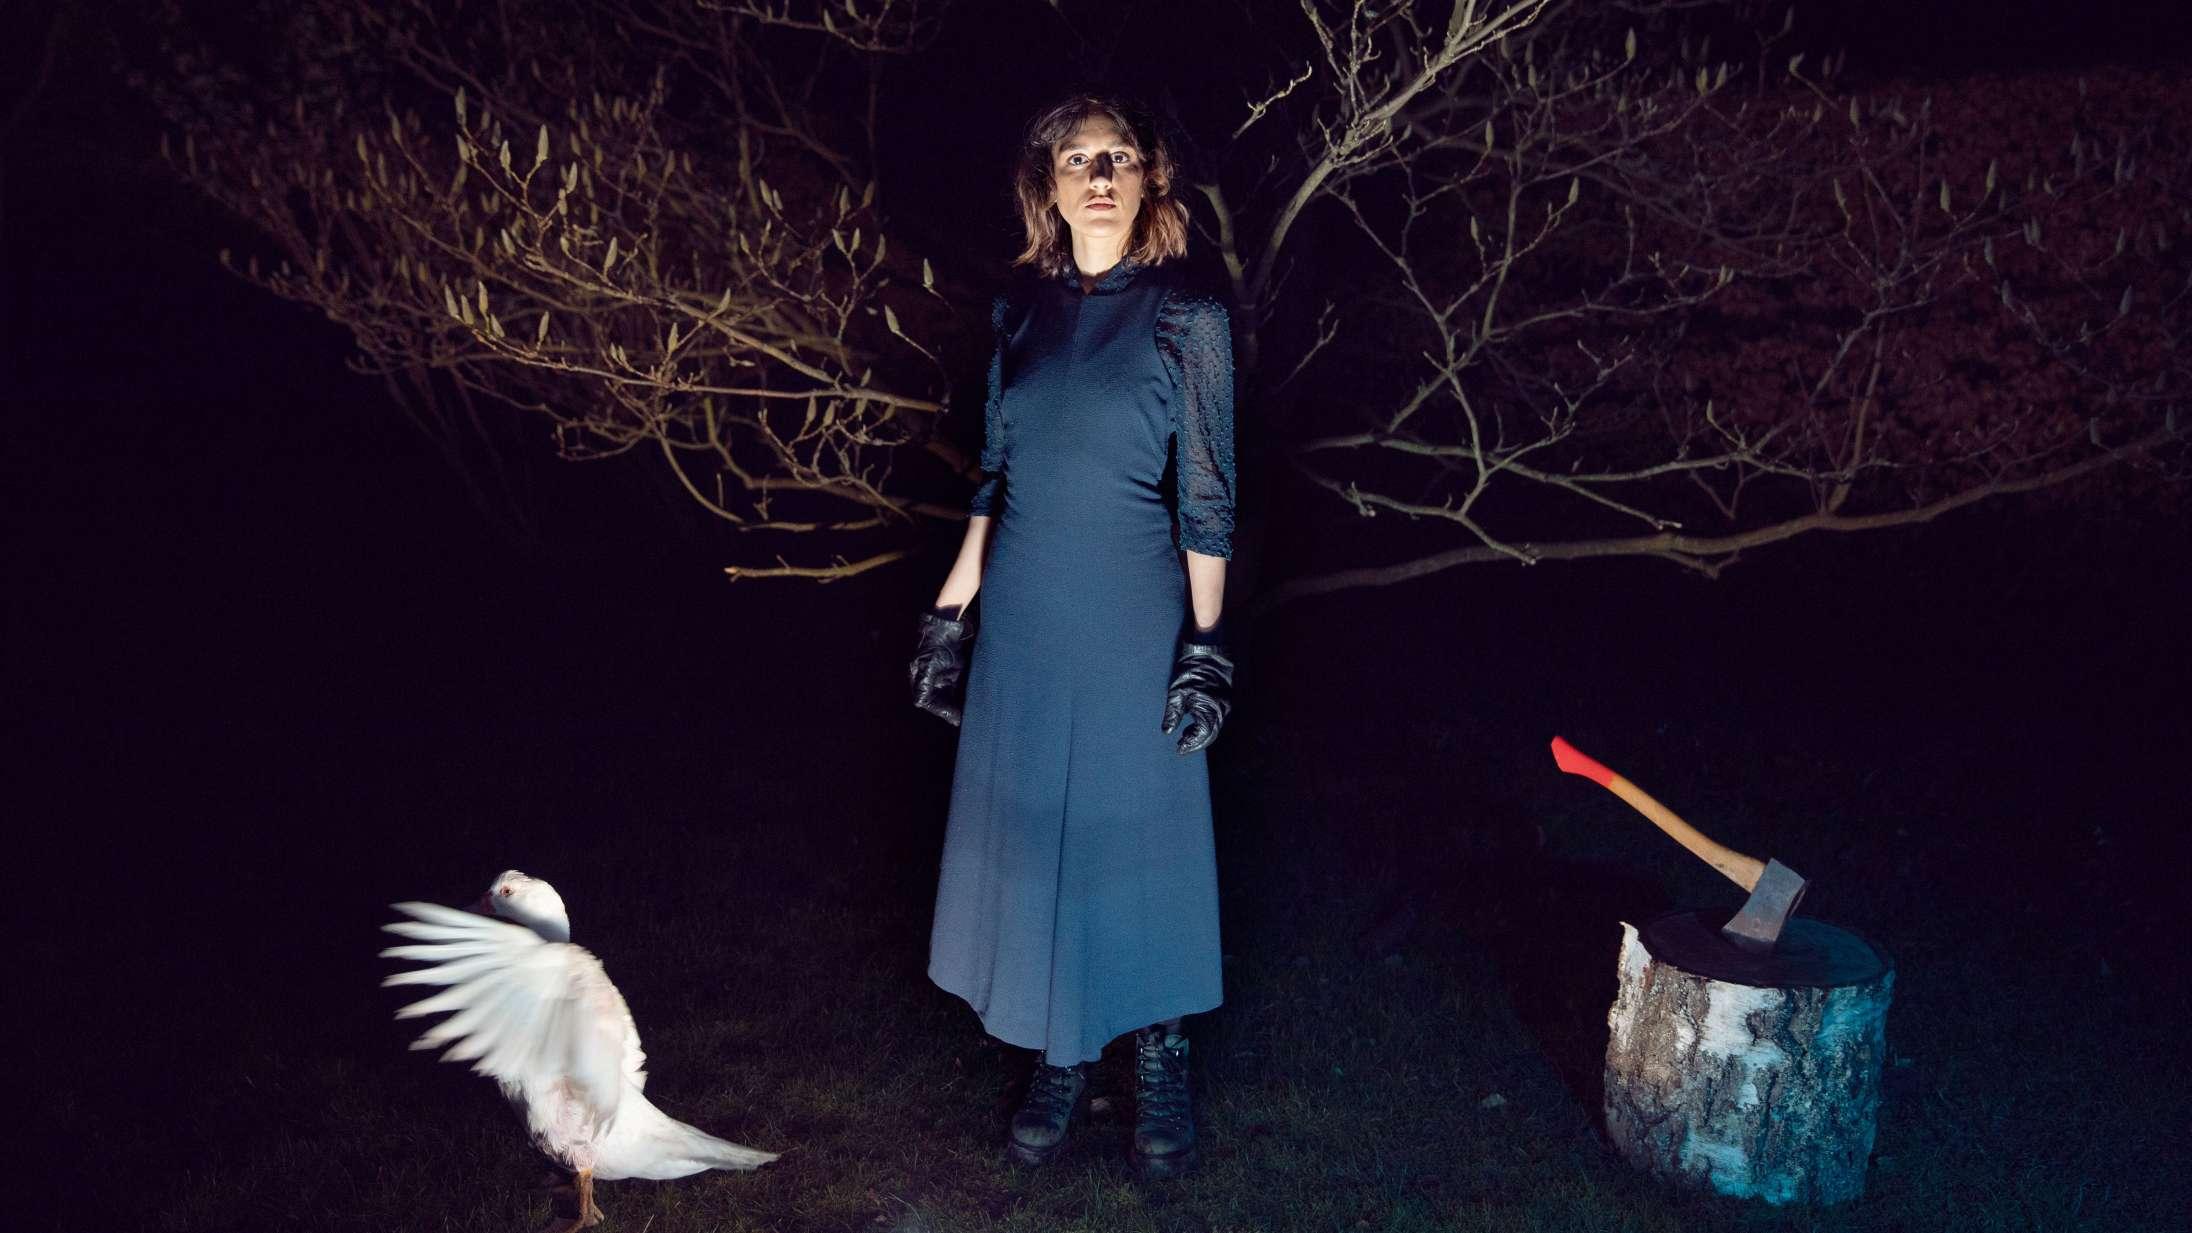 Et generationsskifte er på vej i dansk film